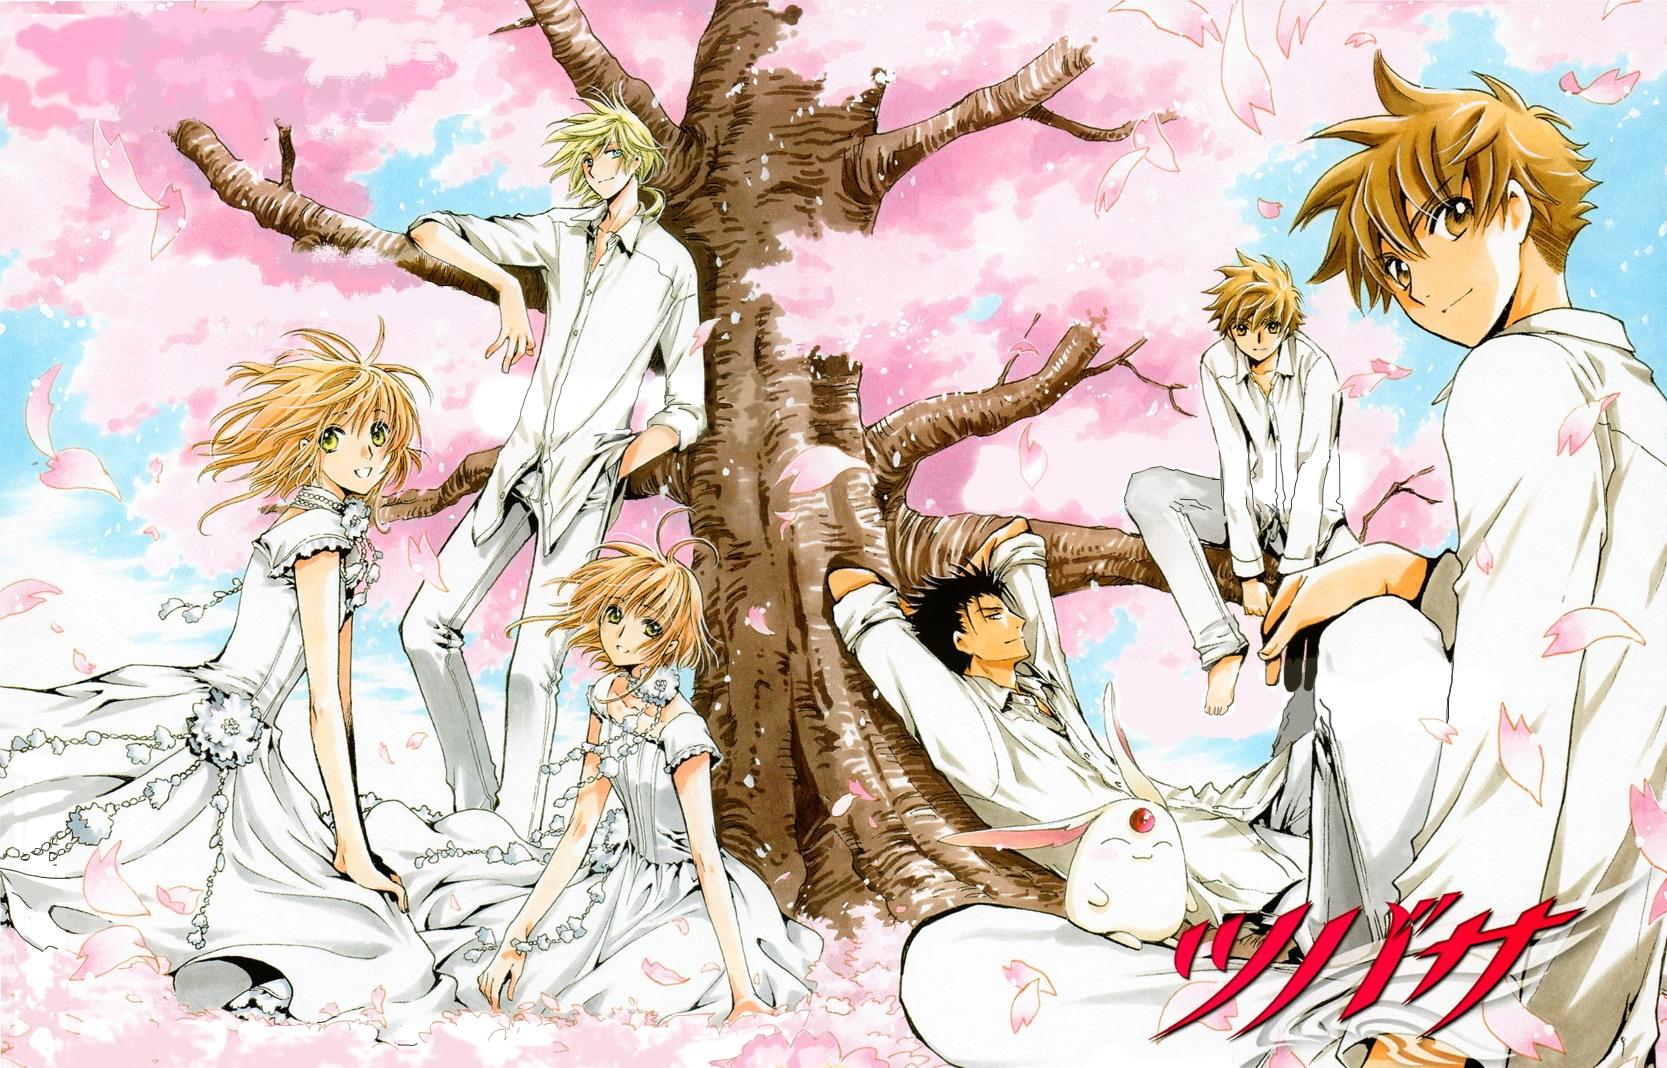 Tsubasa: reservoir chronicle clamp zerochan anime image board.